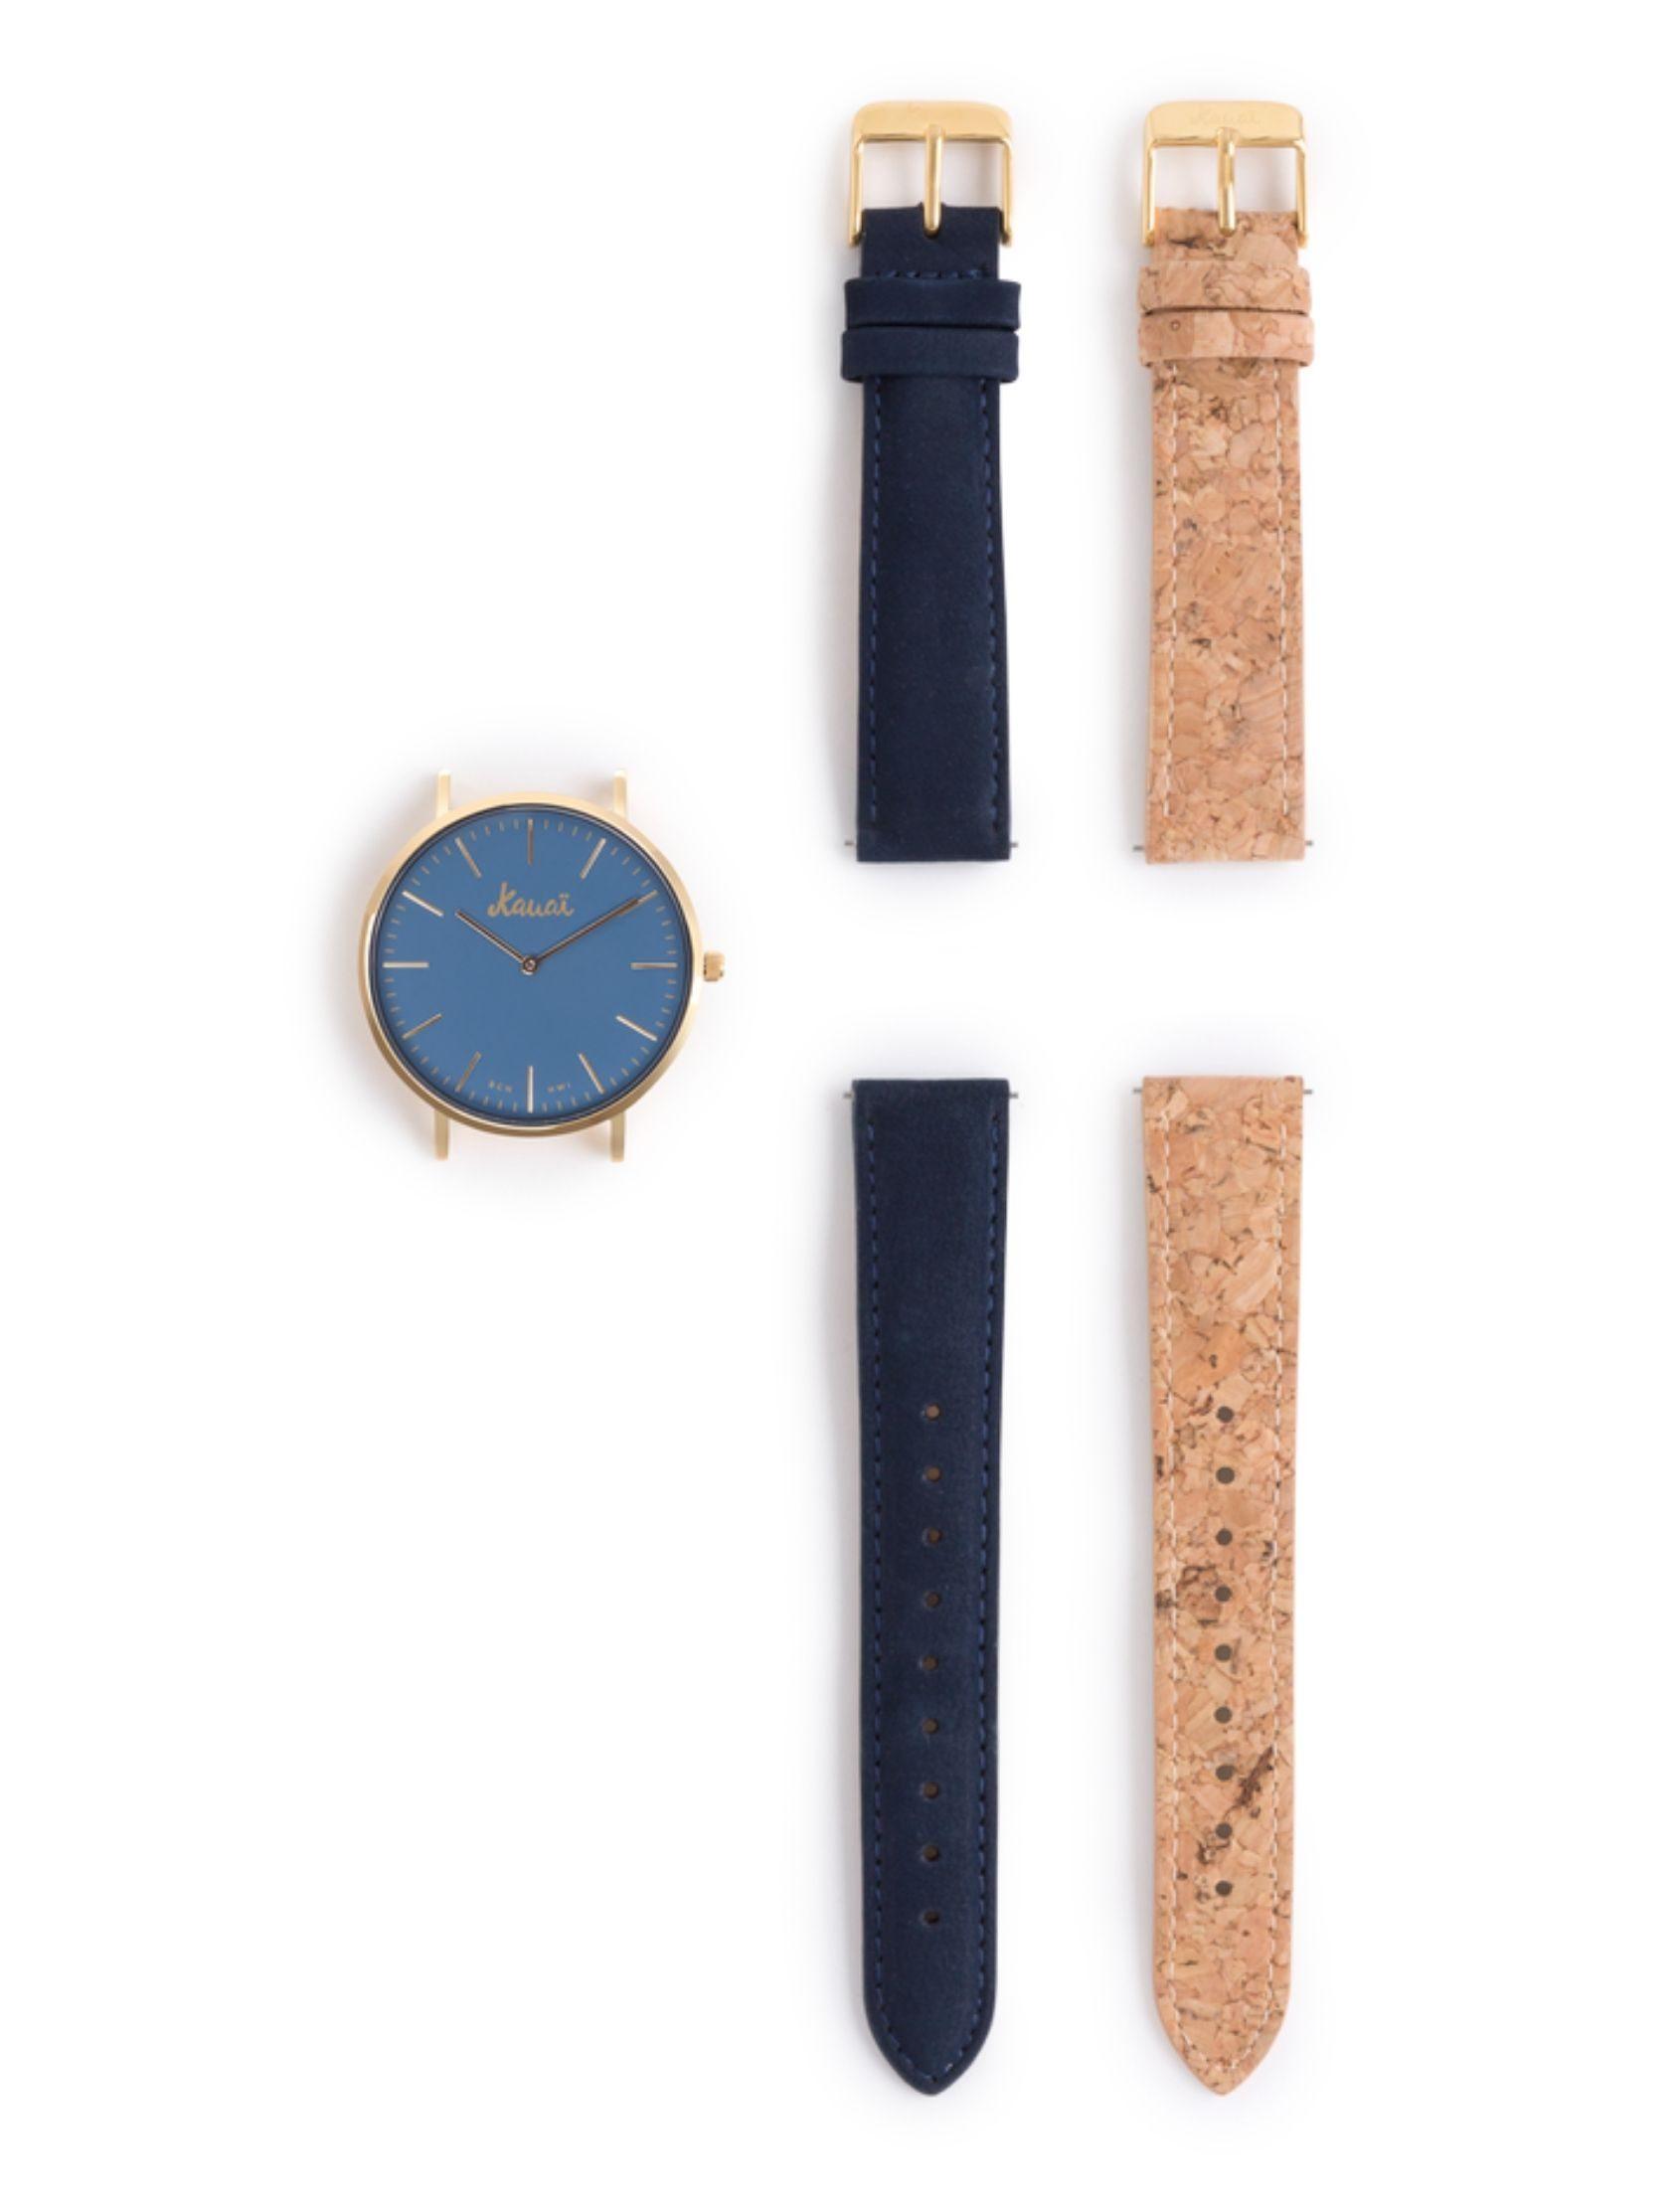 Pack reloj Moana Blue con dos correas de cuero y de corcho